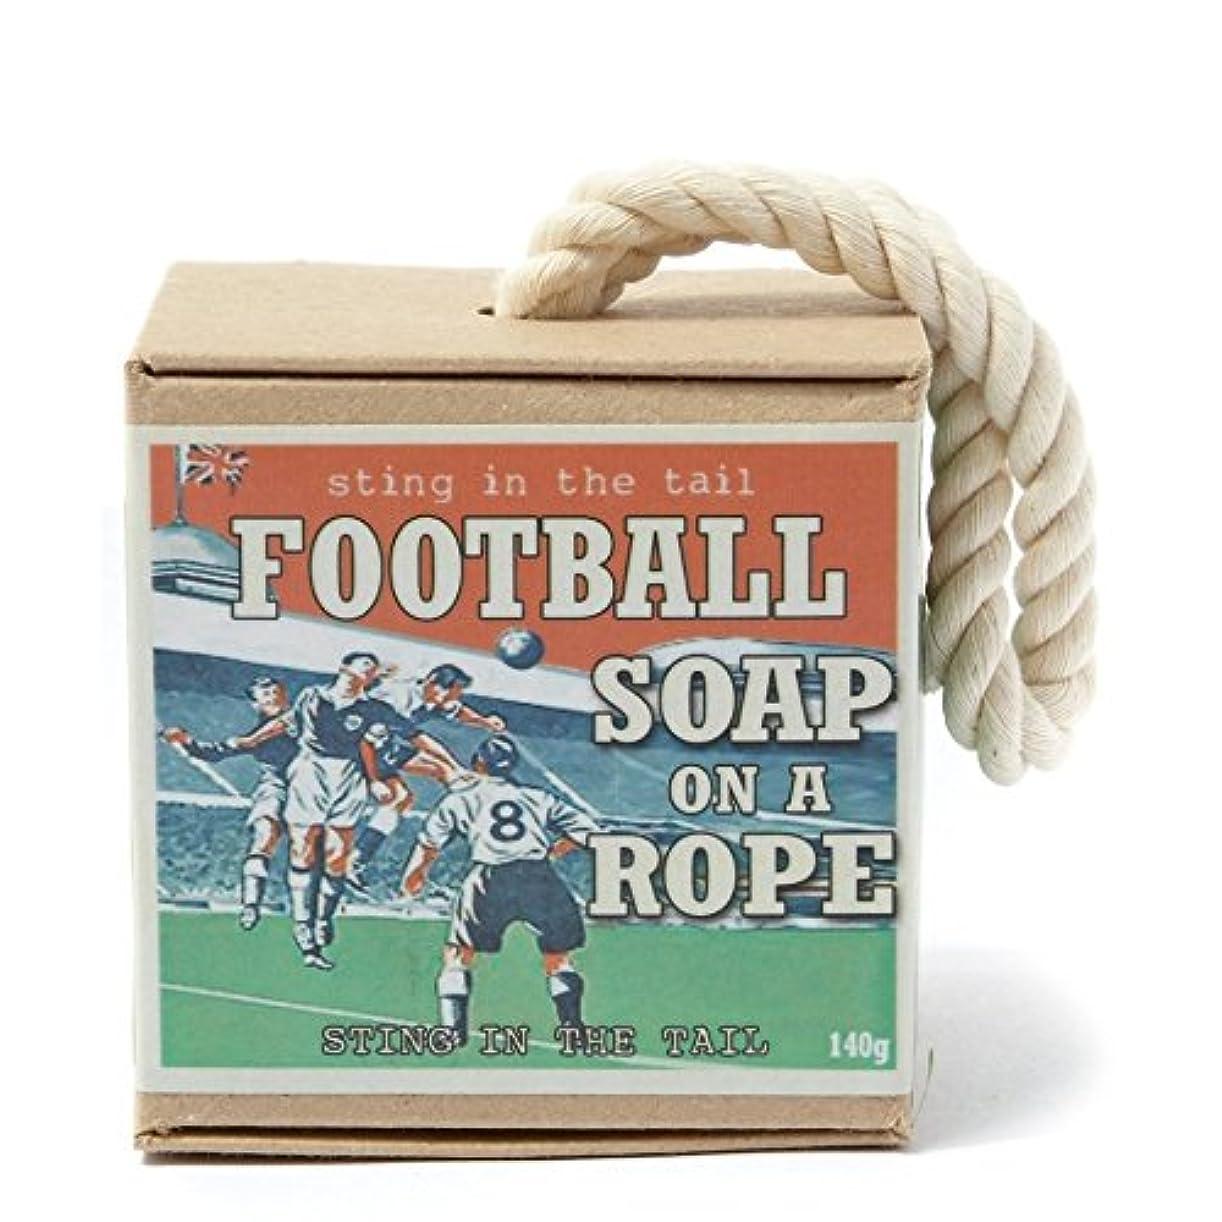 エージェント溶融認証Sting In The Tail Football on a Rope Soap (Pack of 6) - ロープ石鹸のテールサッカーで刺します x6 [並行輸入品]